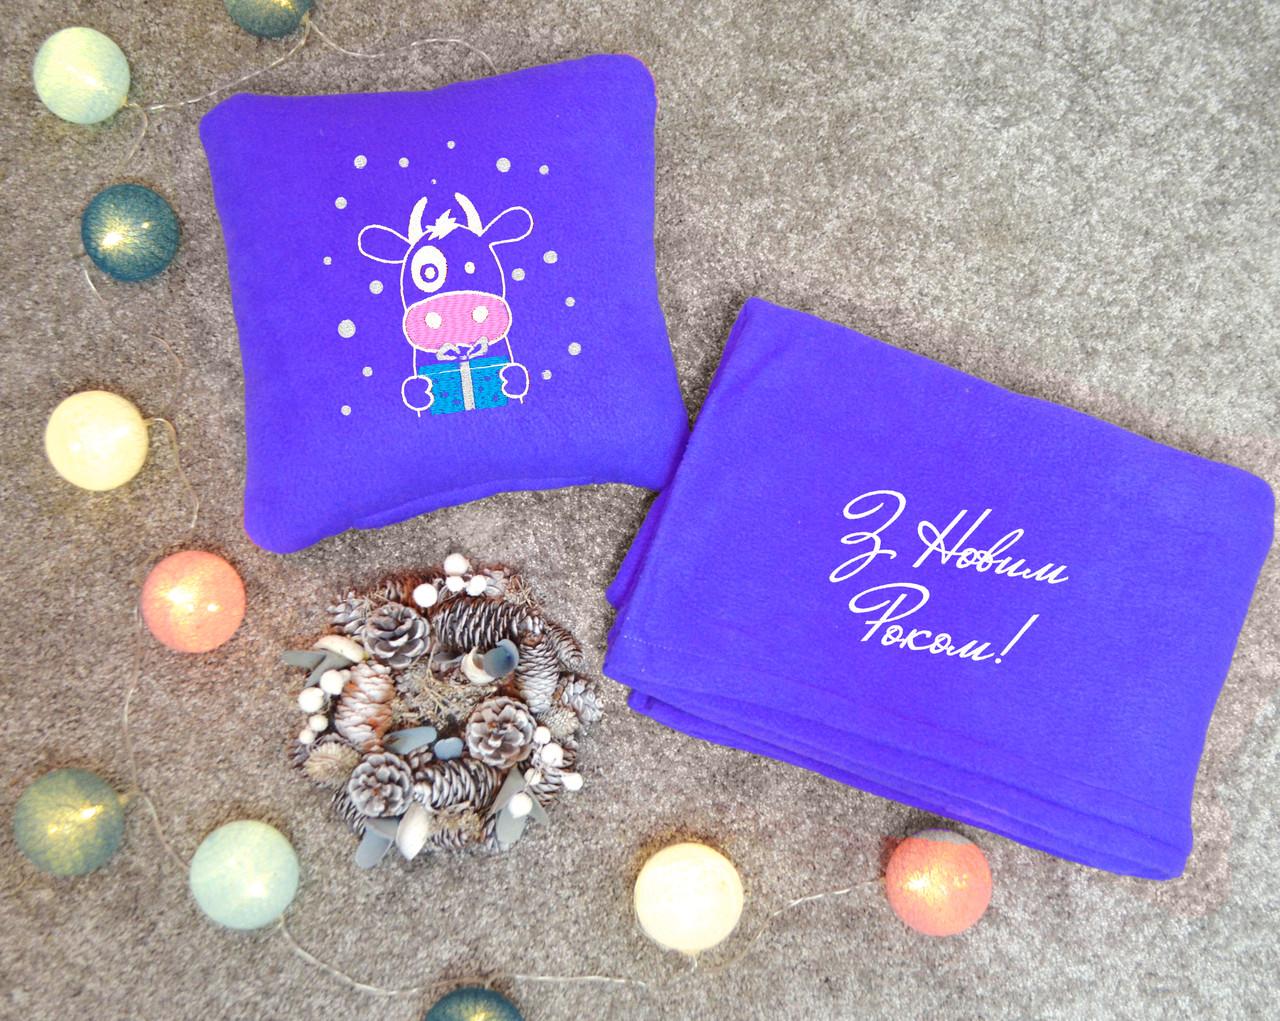 """Новорічний подарунок - набір Slivki: подушка + плед з вишивкою""""З Новим Роком! """" 40 цвет фиолетовый"""